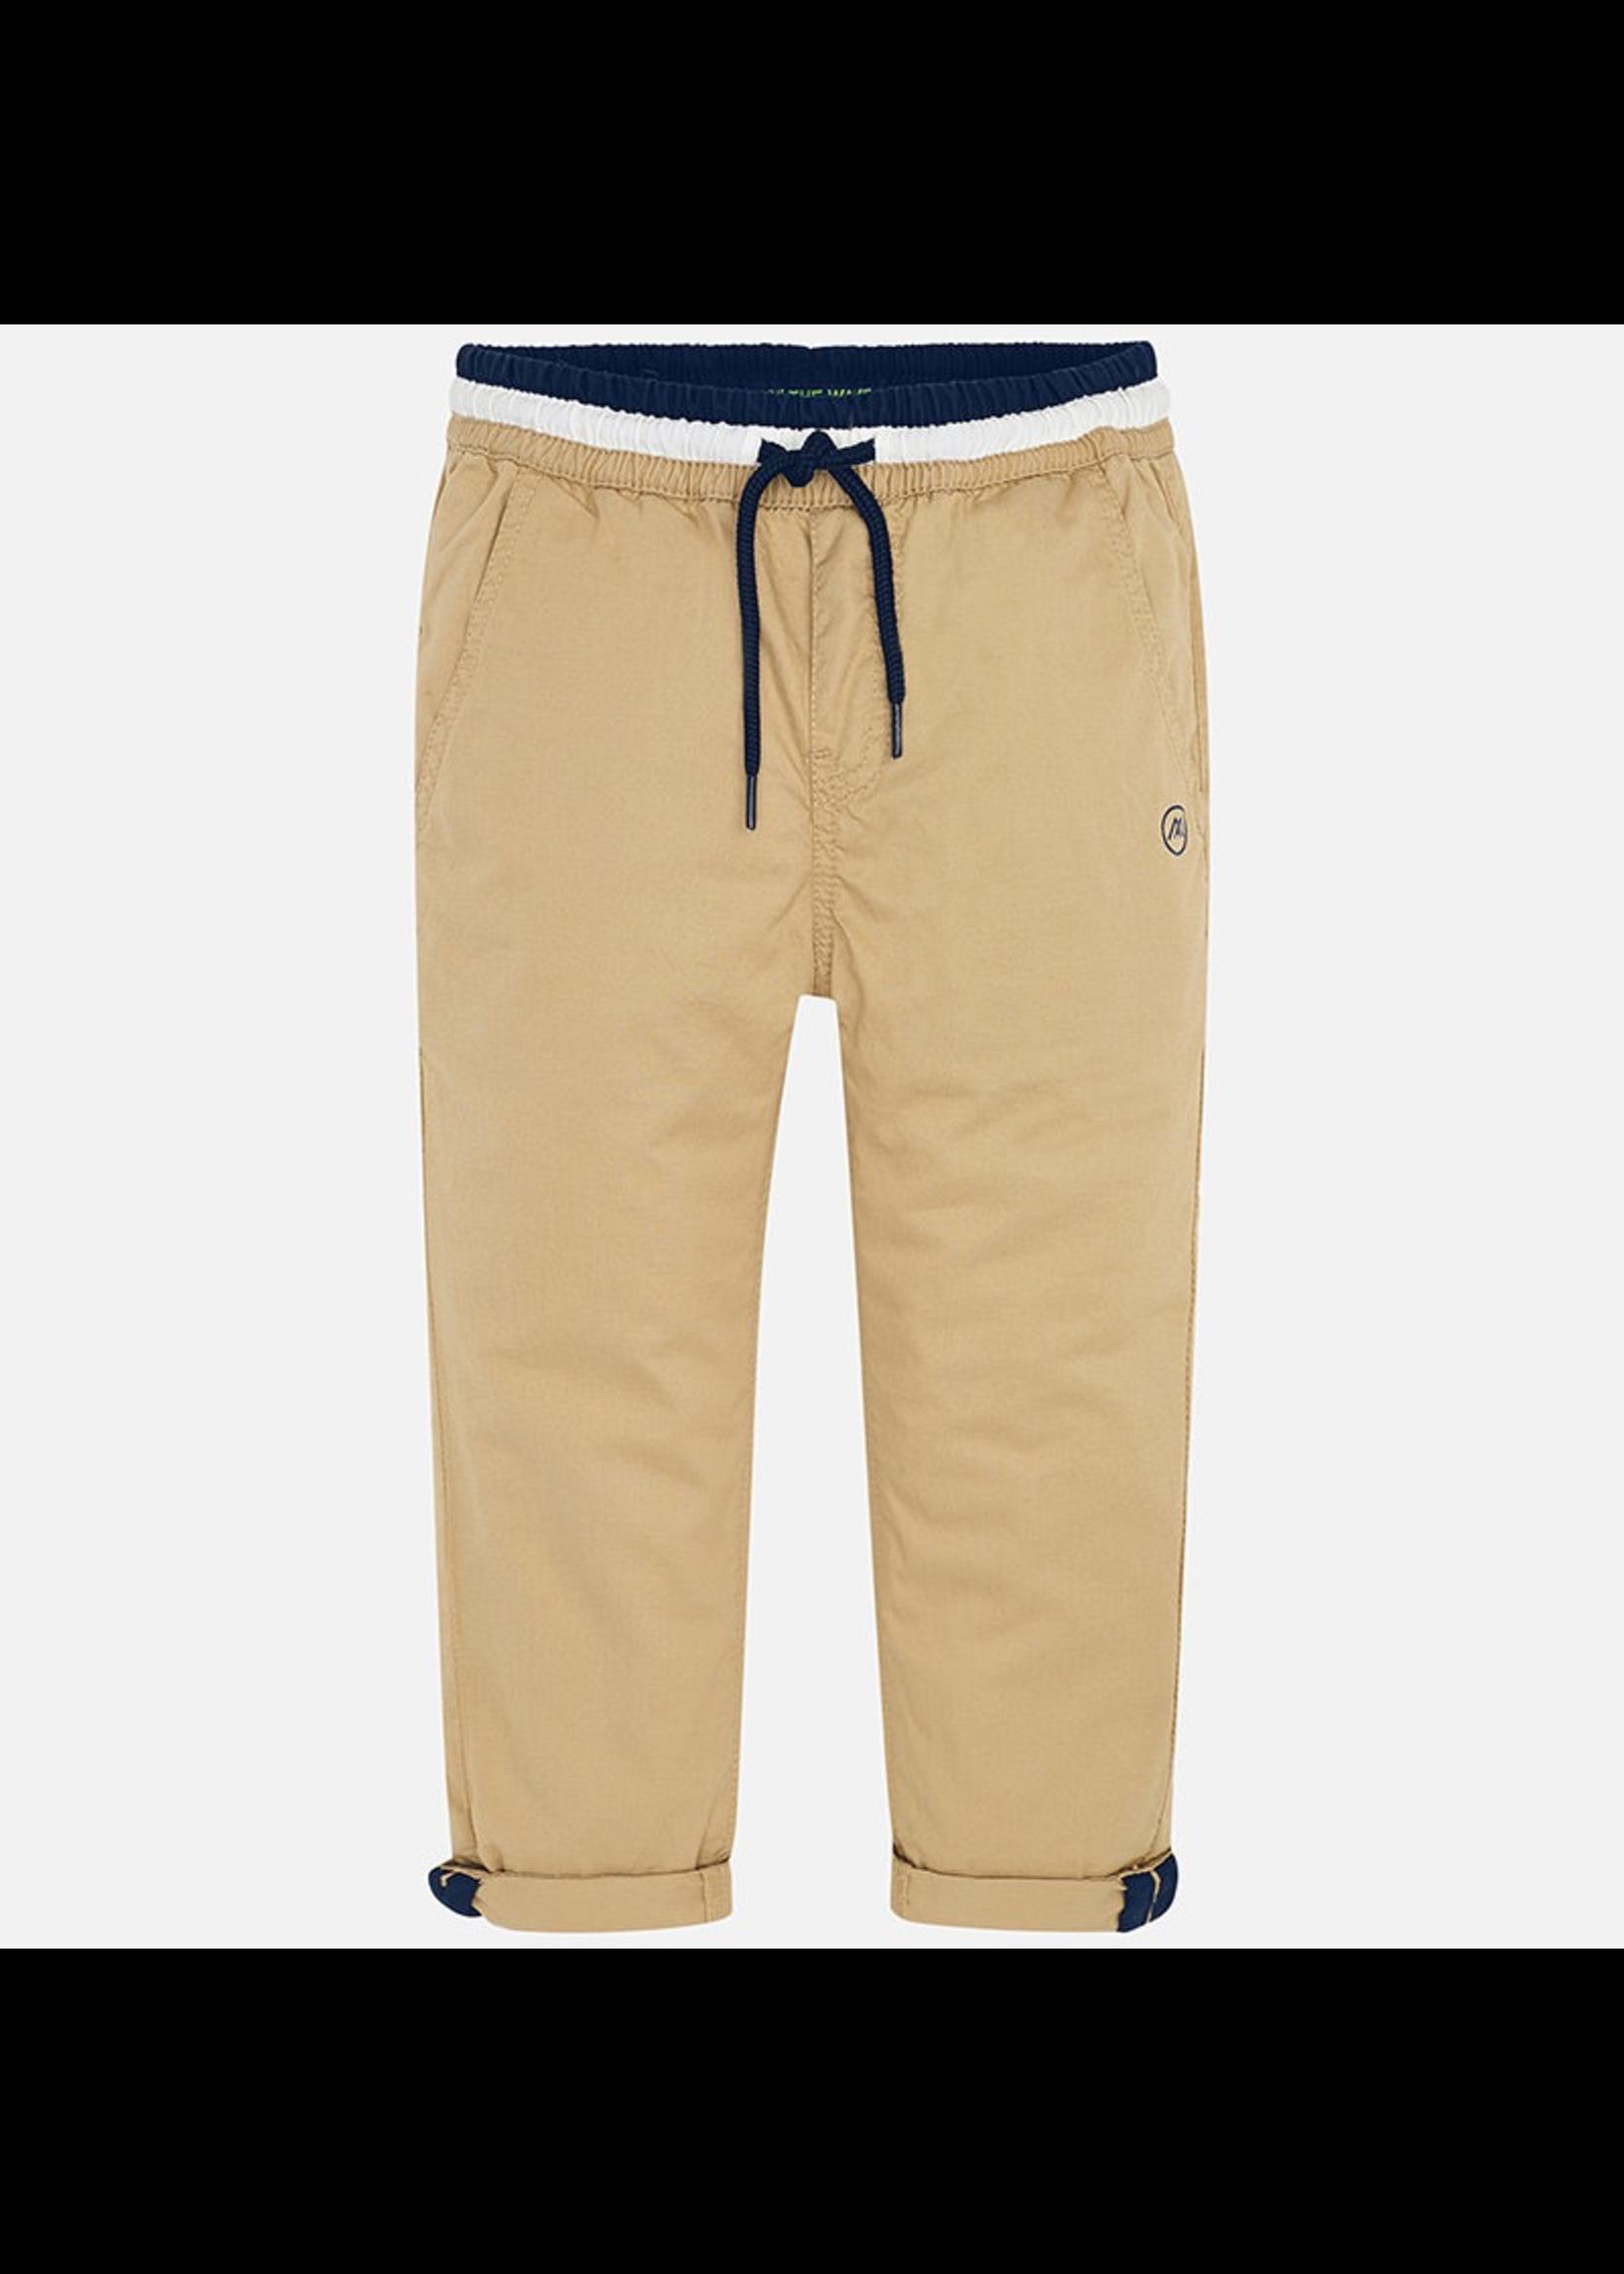 Mayoral Mayoral, Jogging pants for Boy - P-61070